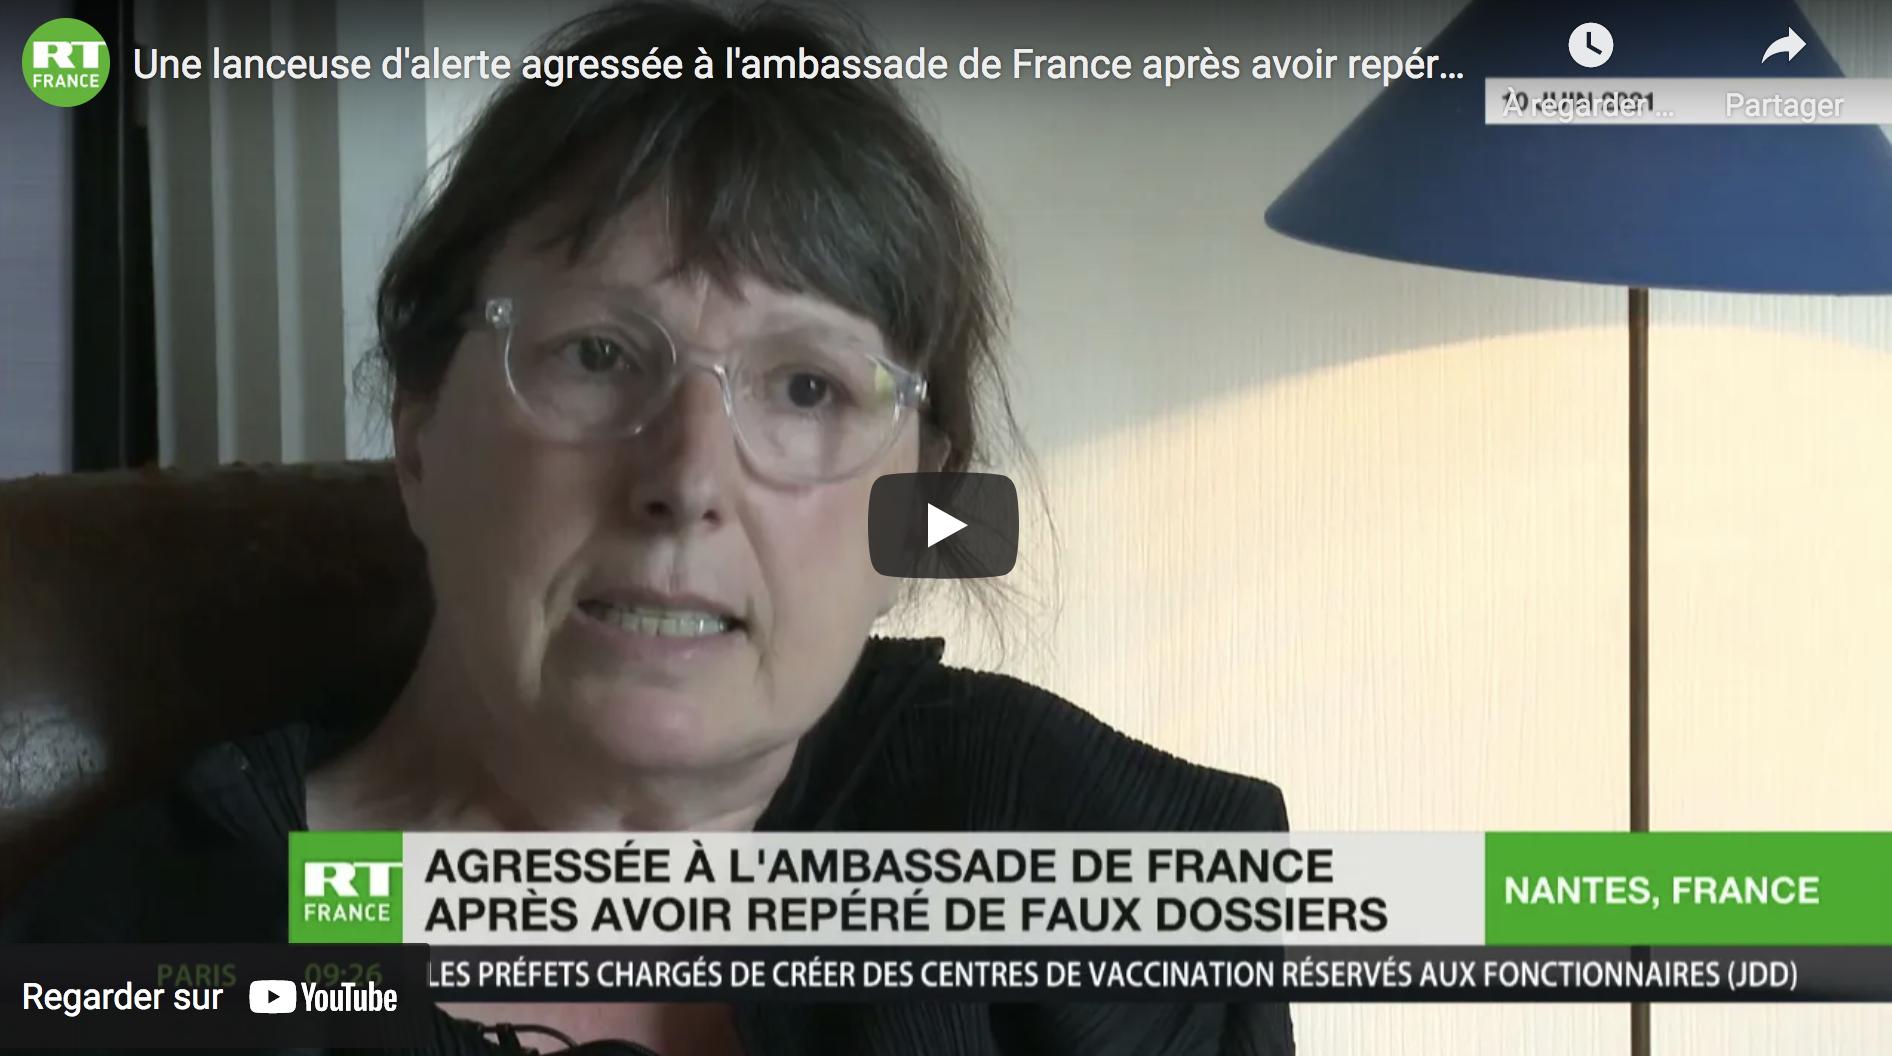 Une lanceuse d'alerte agressée à l'ambassade de France après avoir repéré de faux dossiers (VIDÉO)